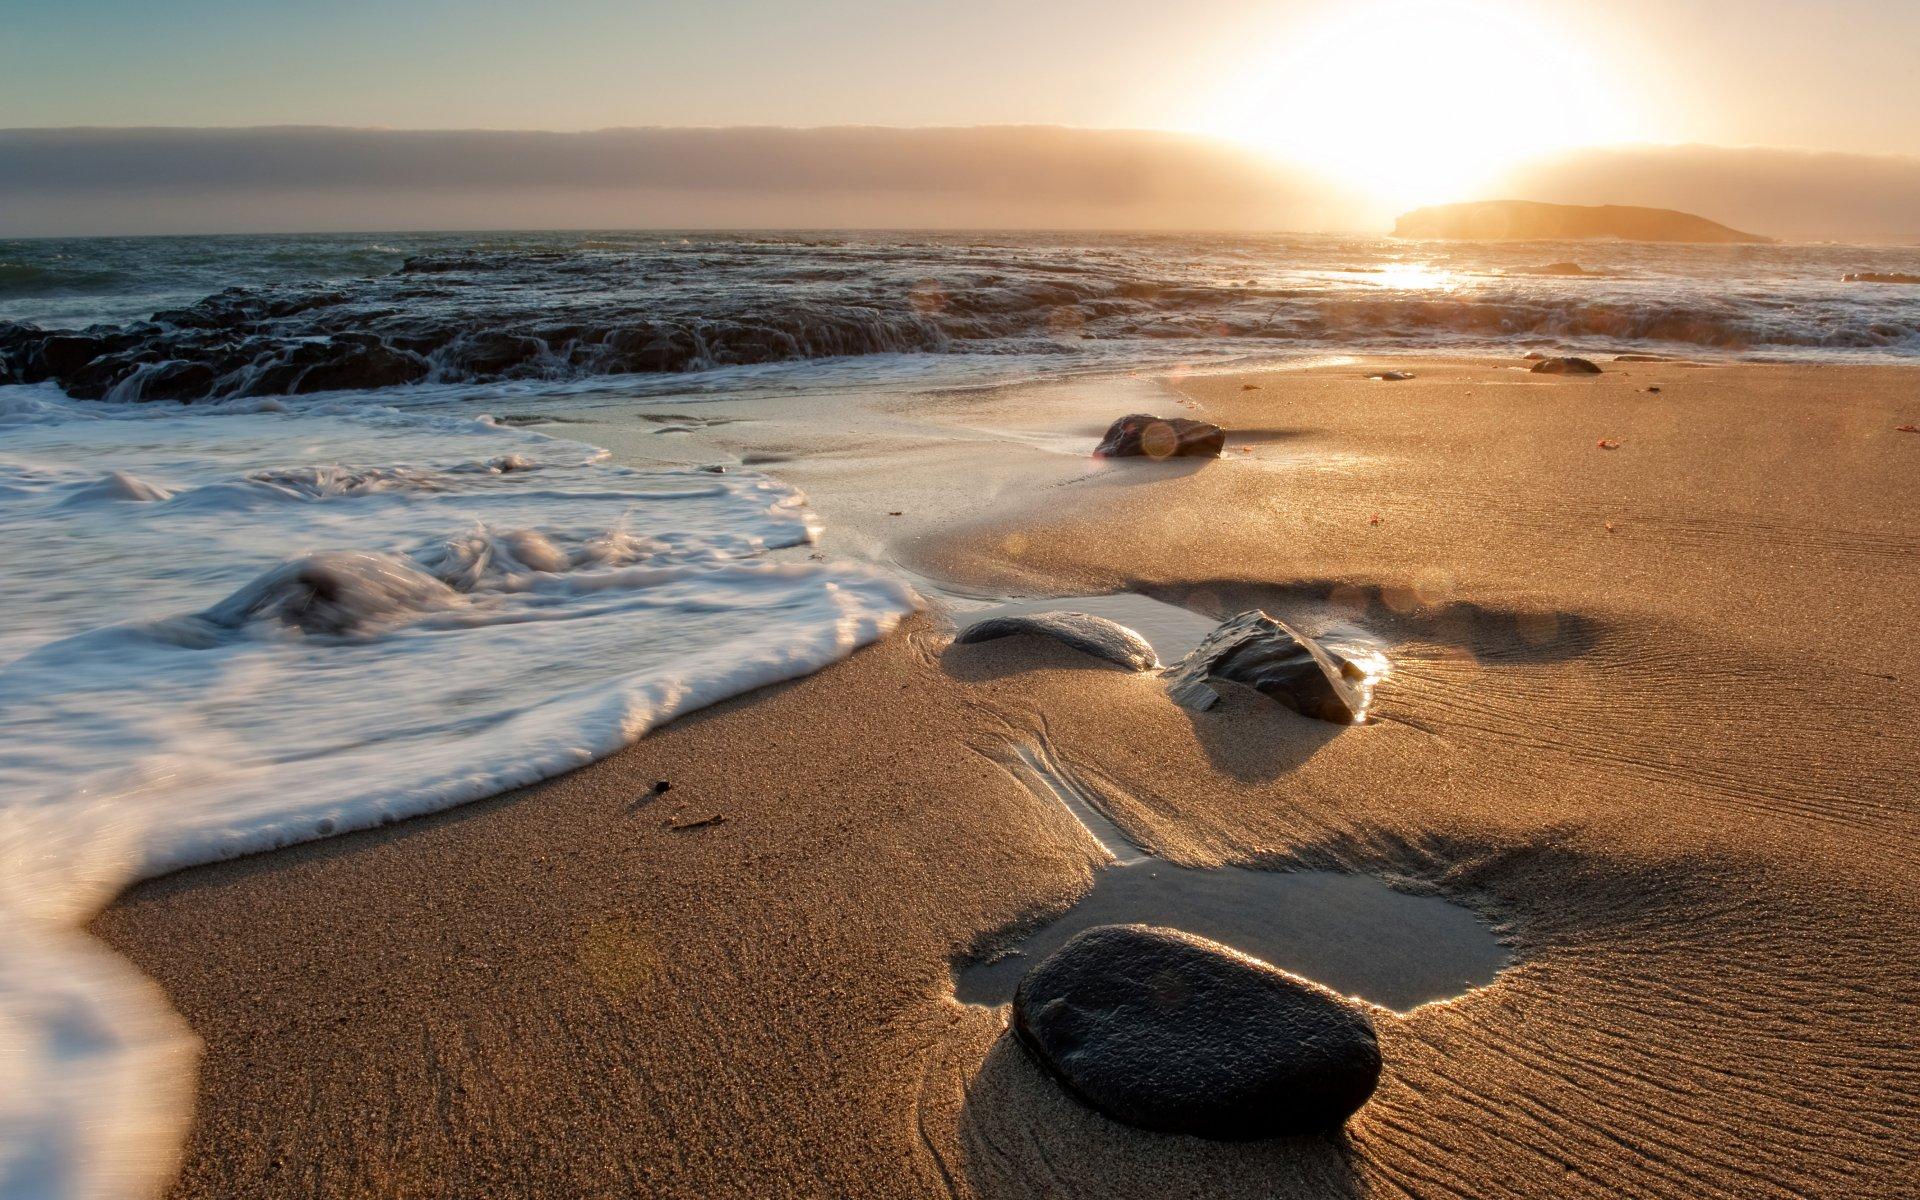 песок на берегу моря картинки картона вырезаем опорную